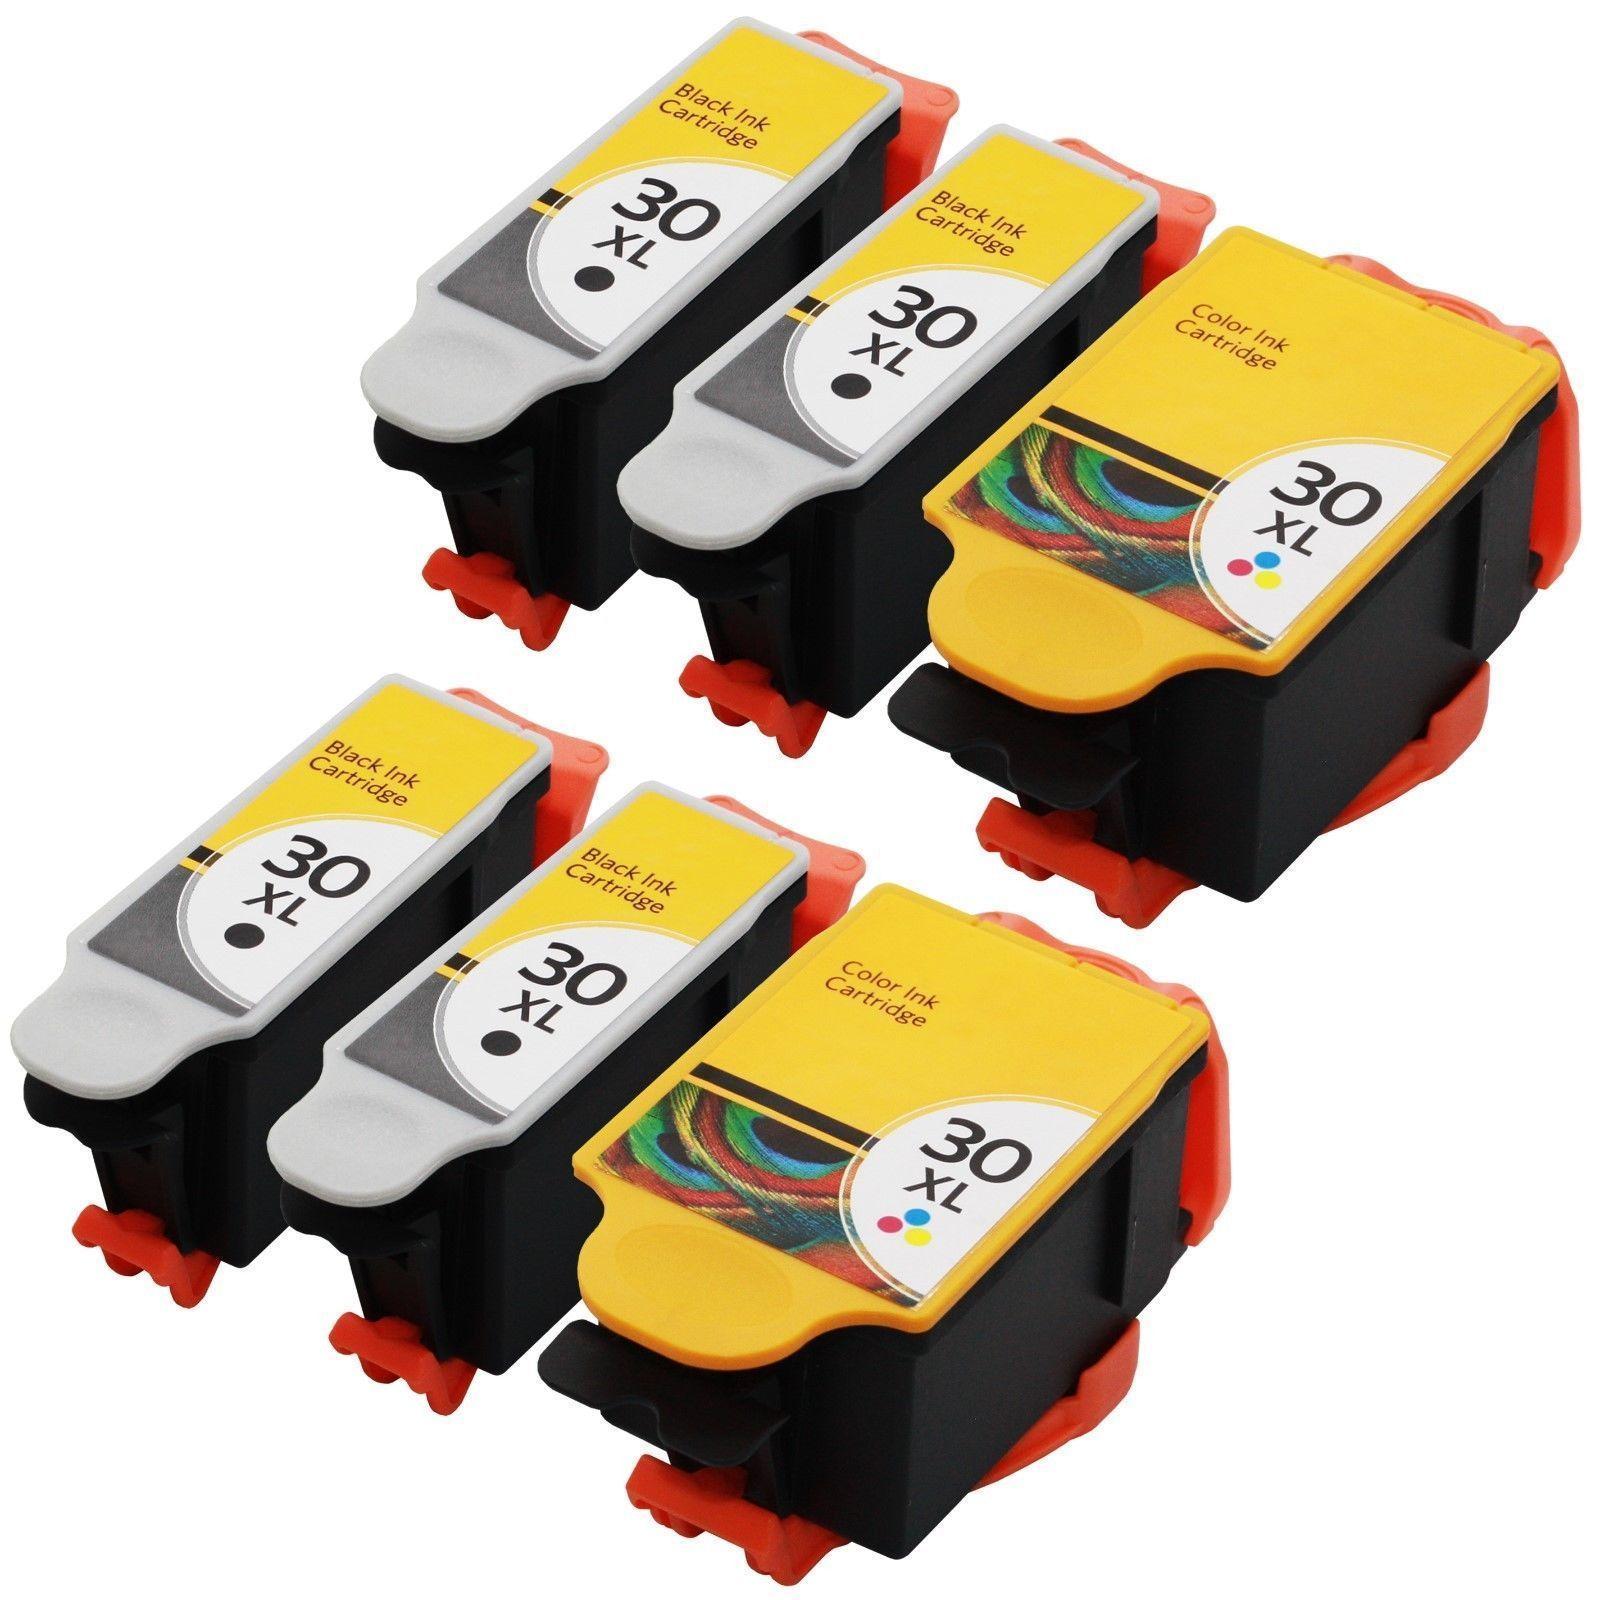 6 x Kodak 30XL Black & Colour Compatible Ink Cartridges for ESP 3.2s Printer